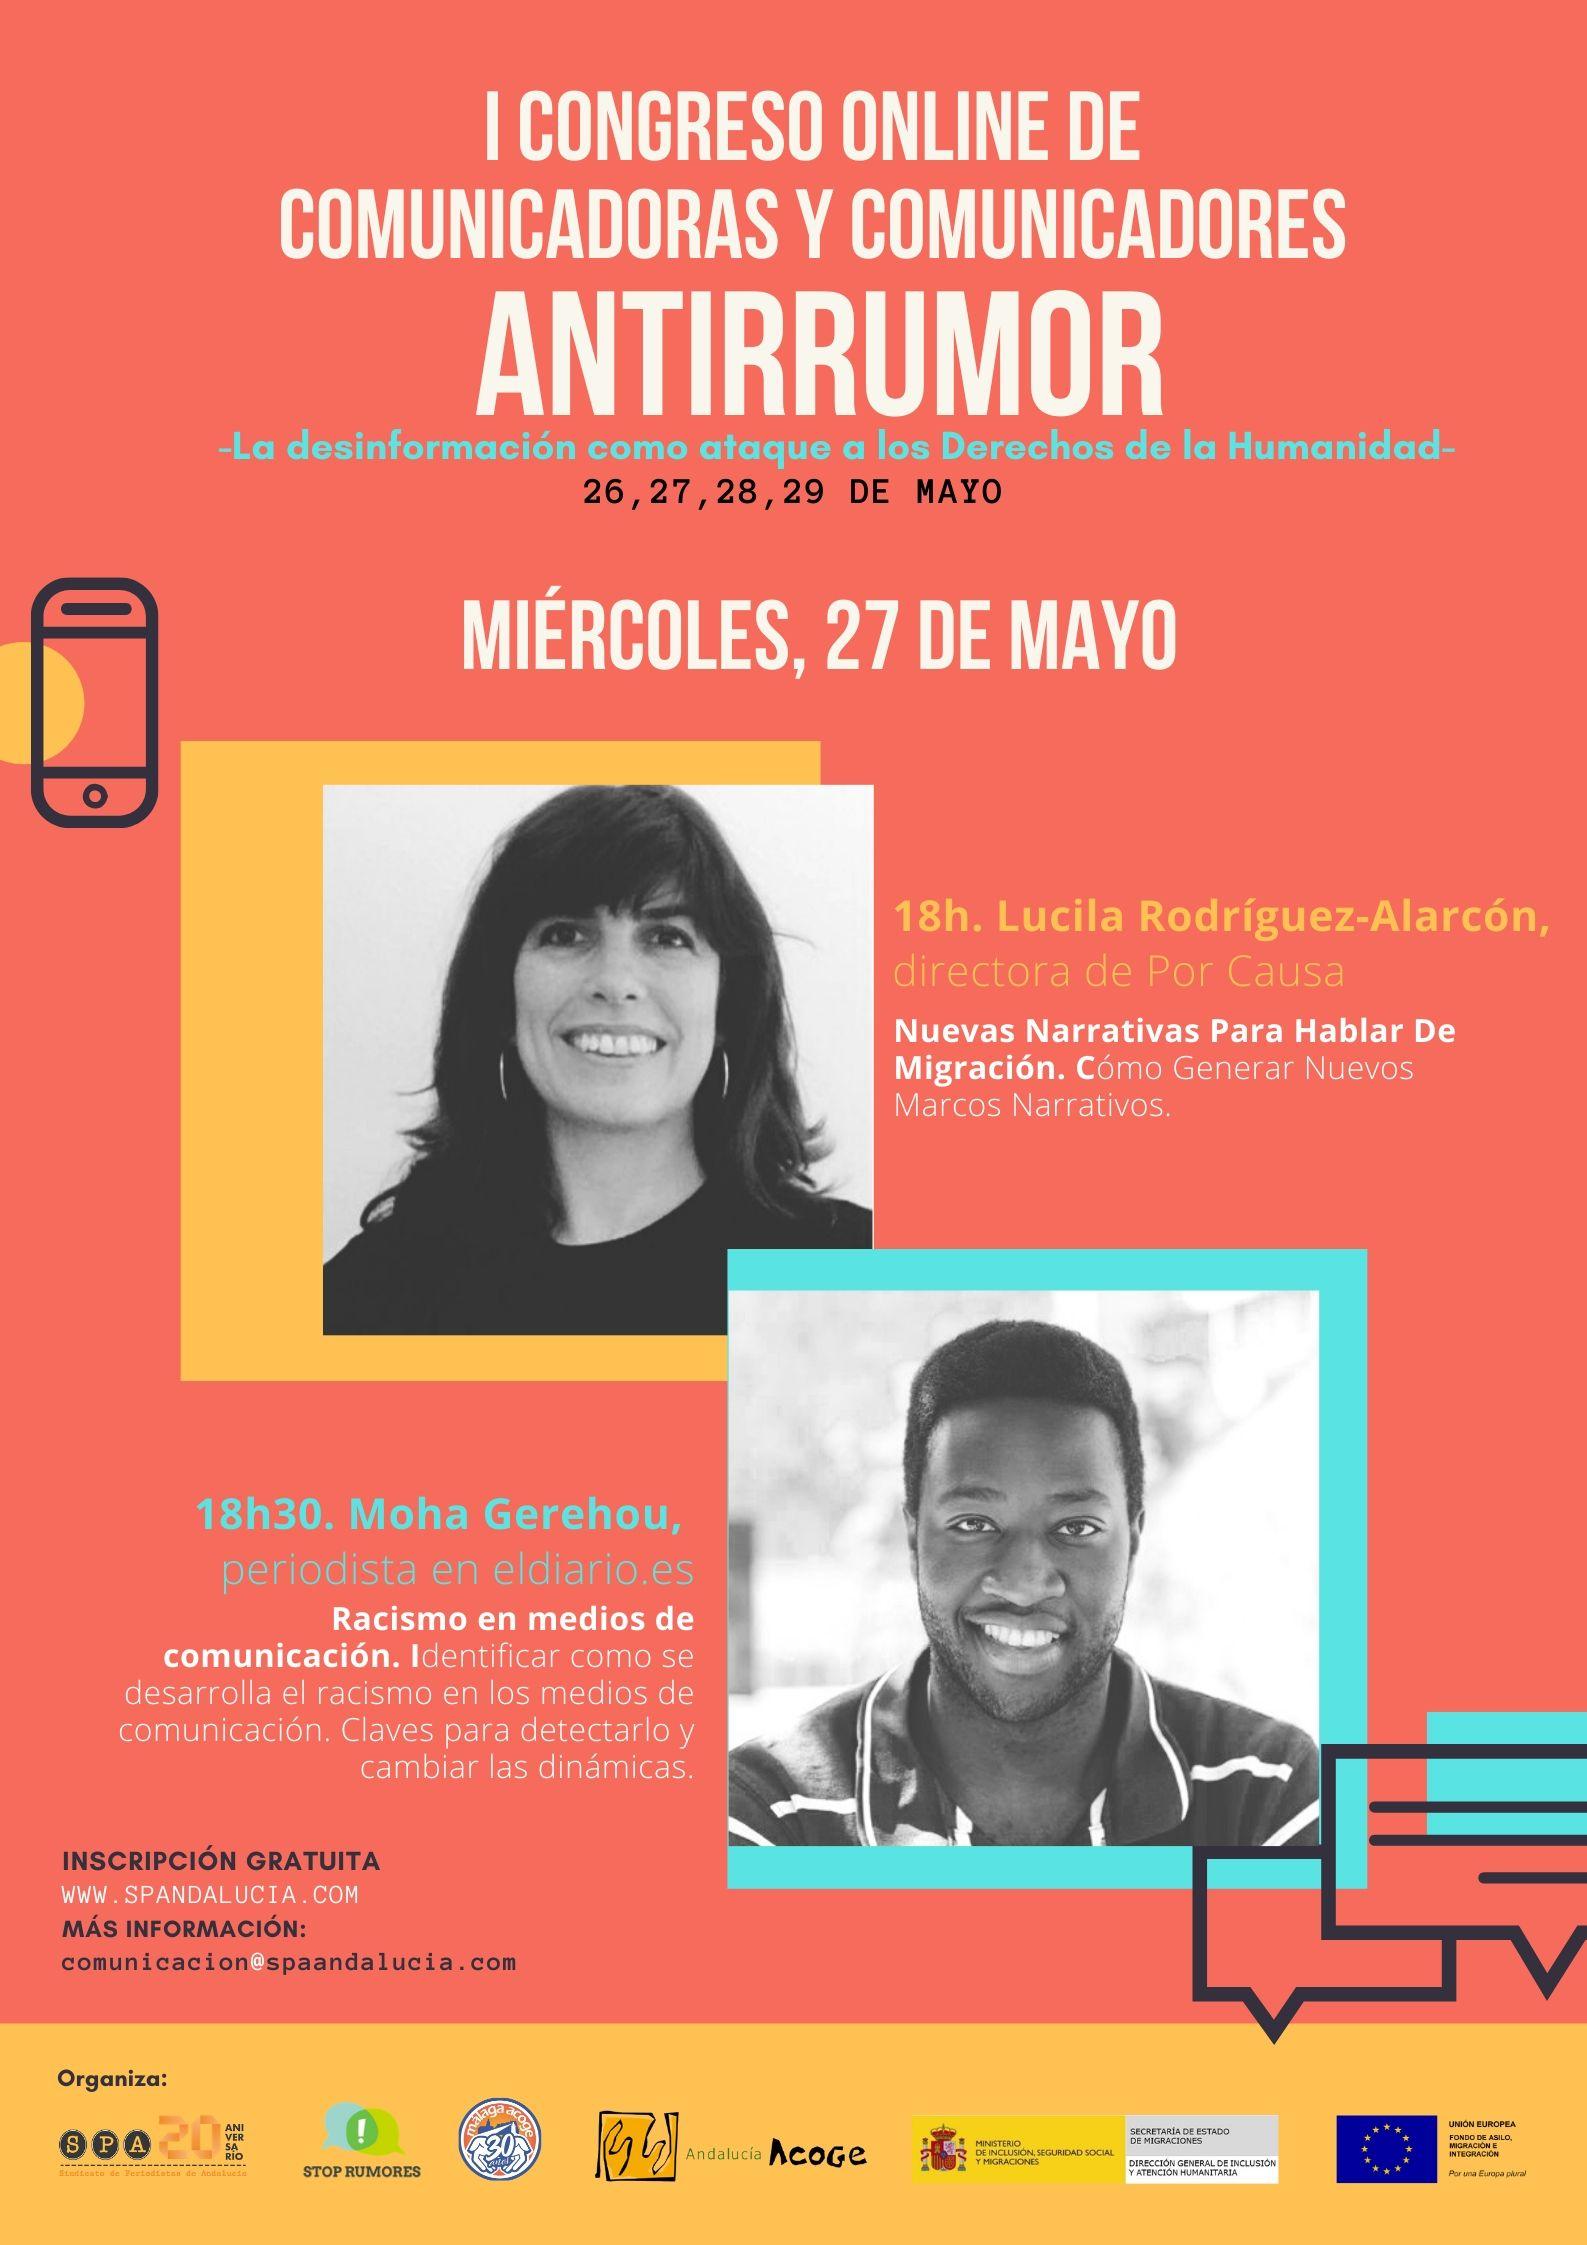 Link para unirse a la 2ª sesión del I Congreso Online para comunicadoras y comunicadores antirrumor- 27/05/2020